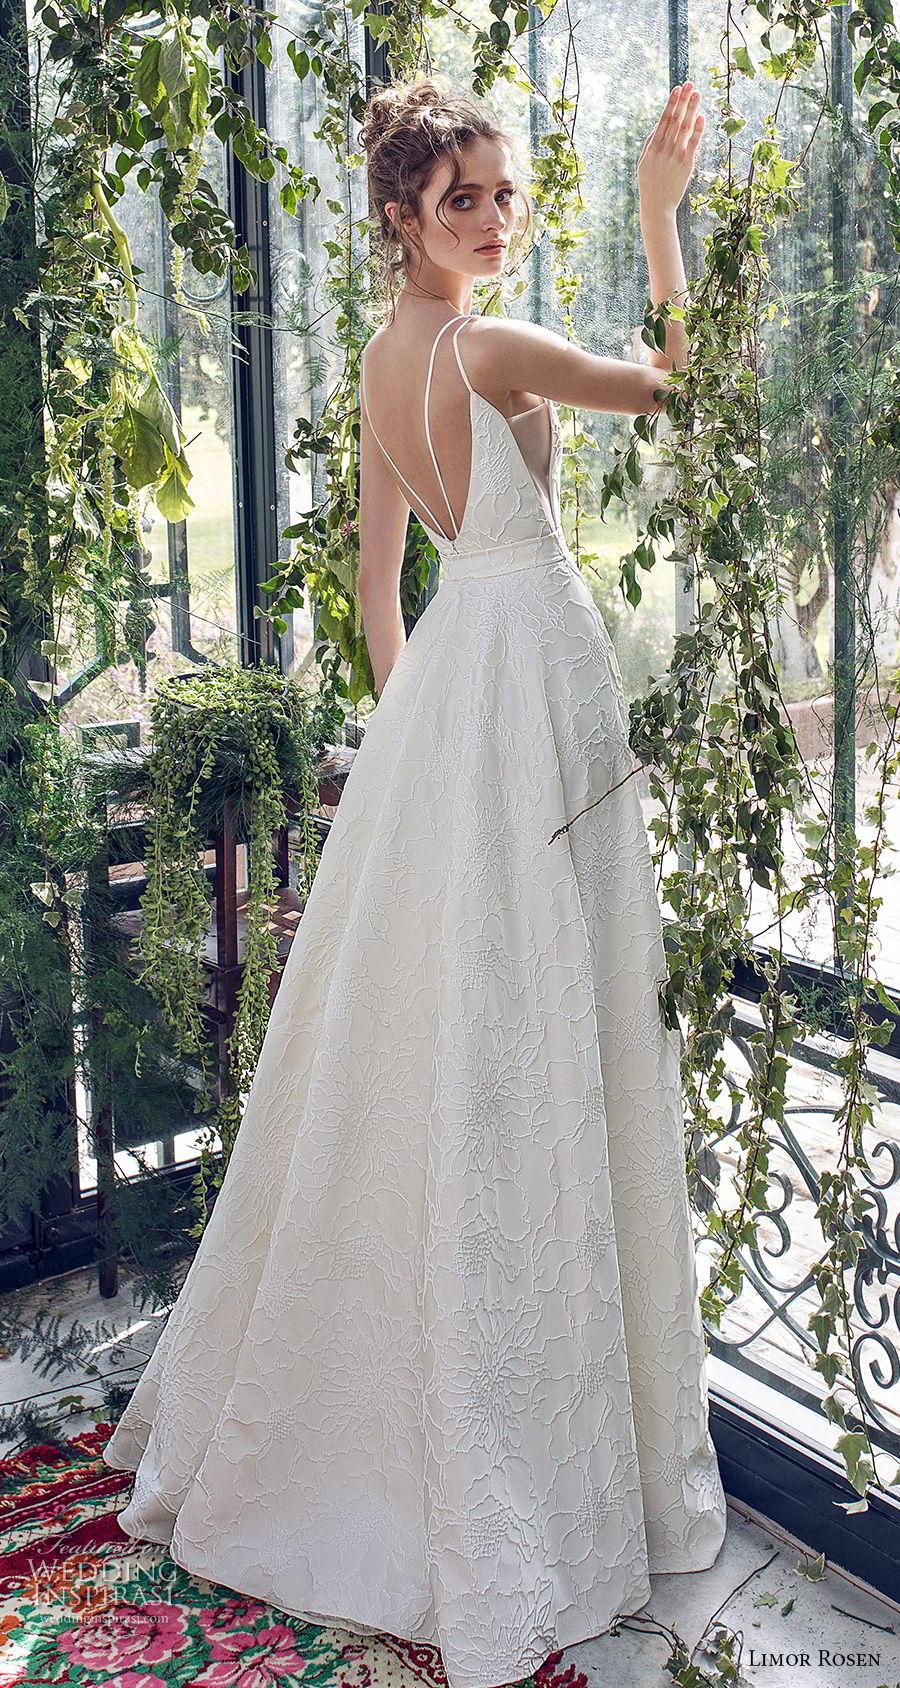 limor rosen 2019 xo bridal sleeveless with strap deep v neck light embellishment romantic a  line wedding dress open back sweep train (2) bv